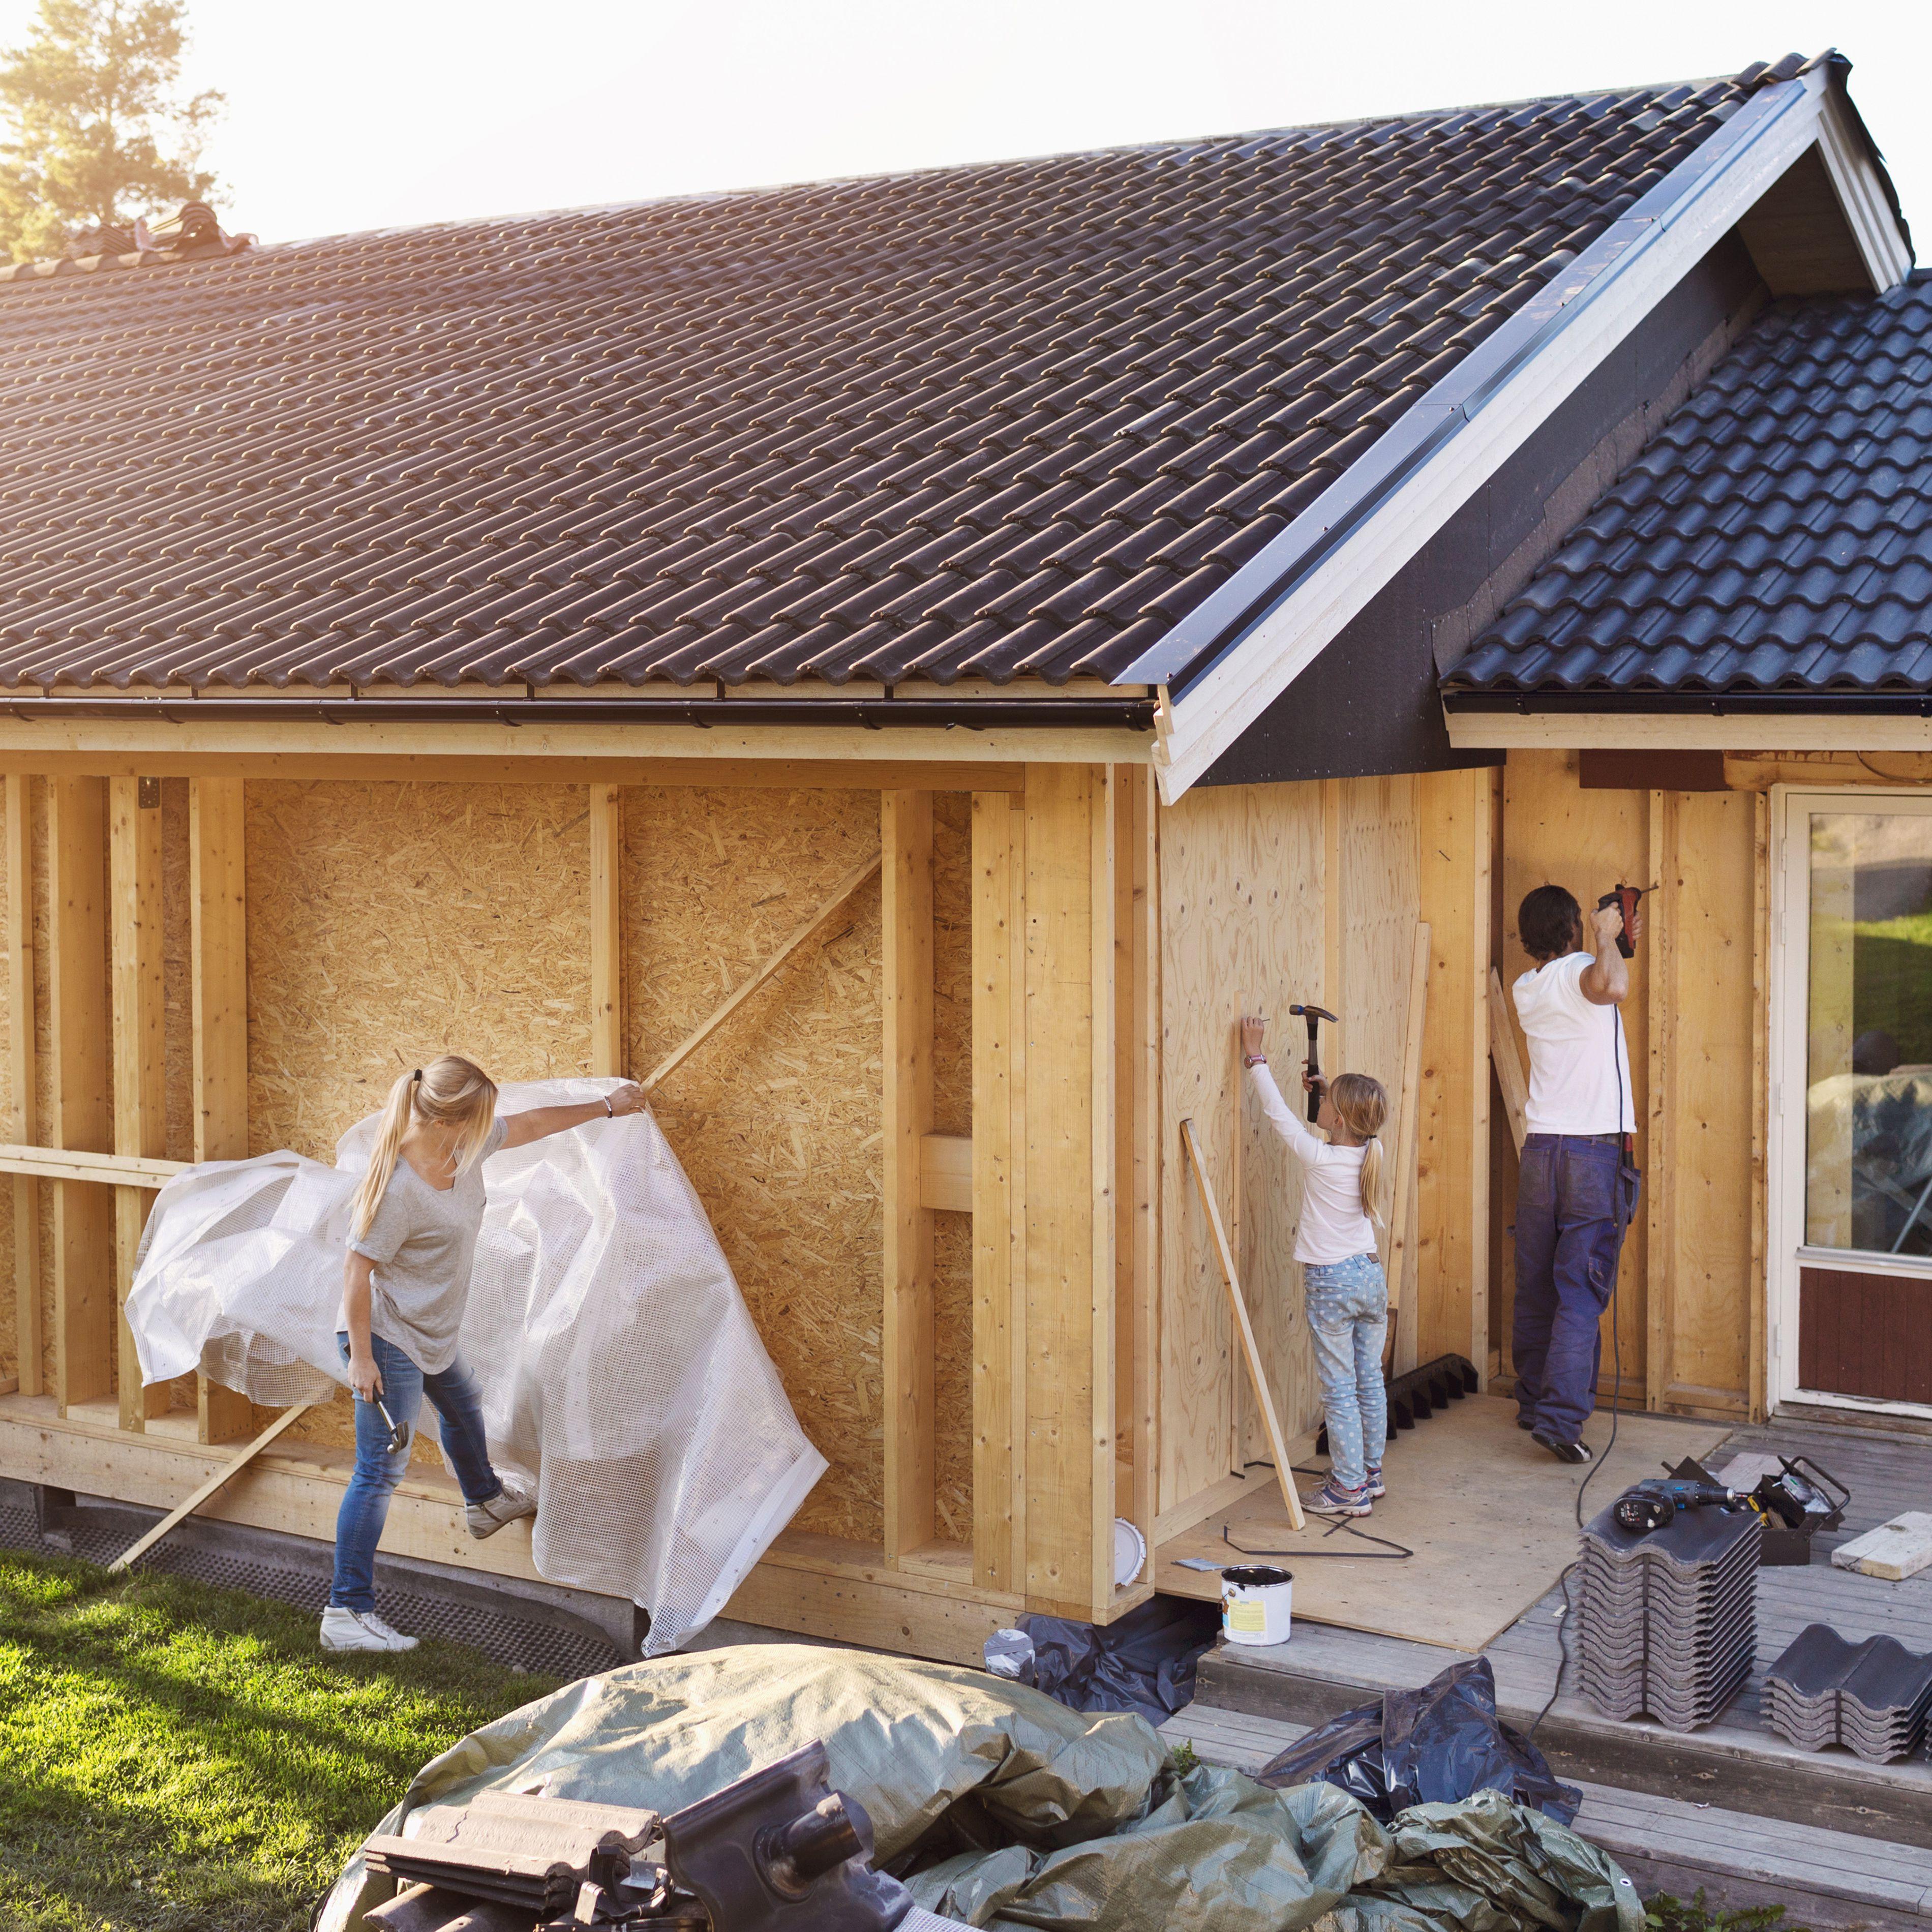 Home Repair cover image